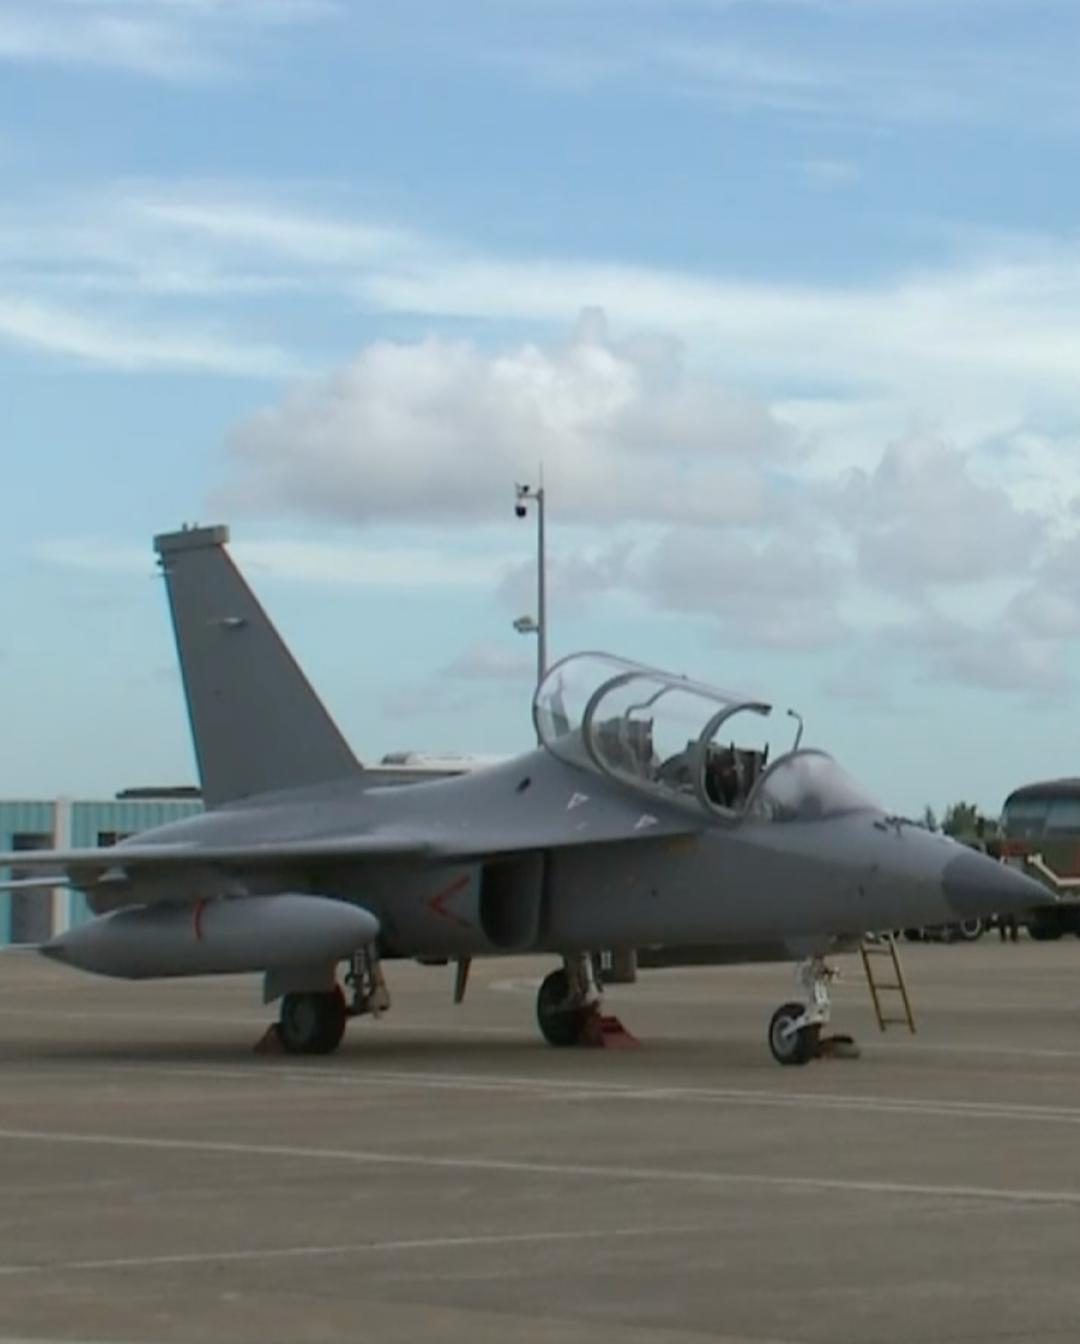 中国空军公布珠海航展阵容 歼16D无侦7首次公开展示